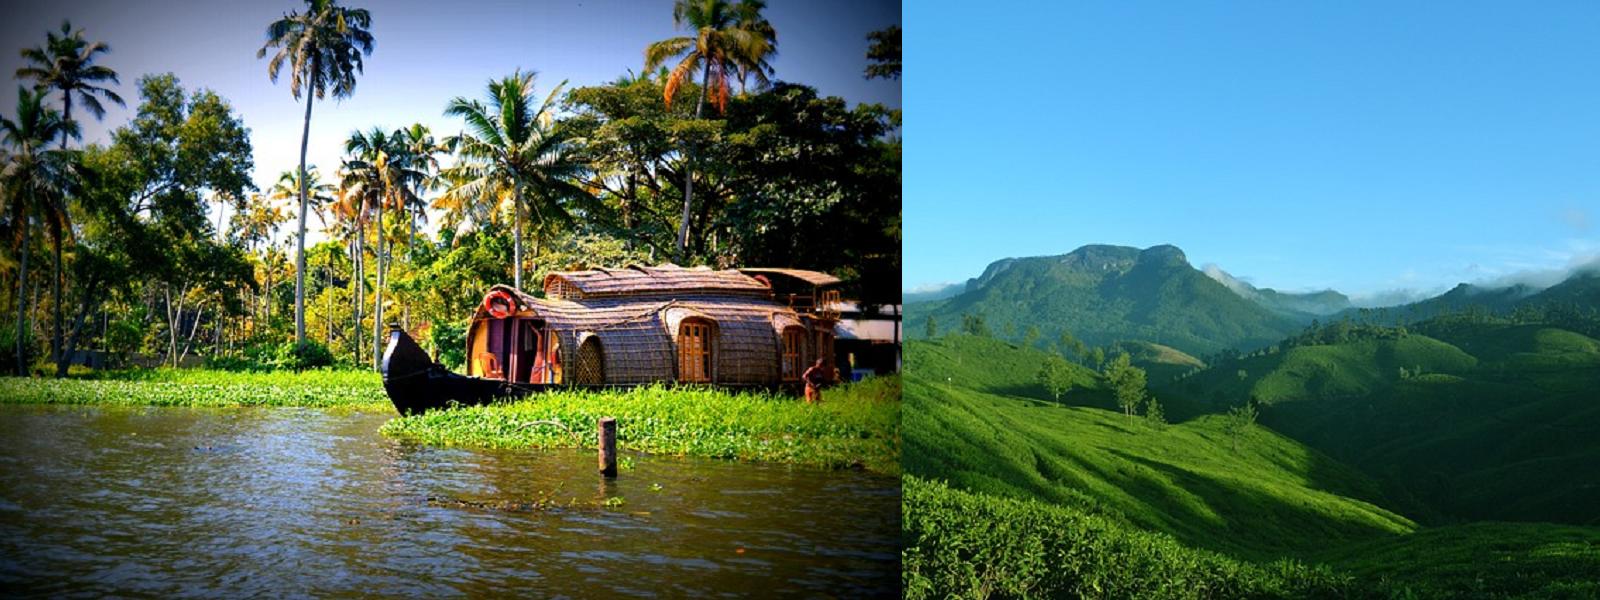 Kerala 5 day Tour Plan